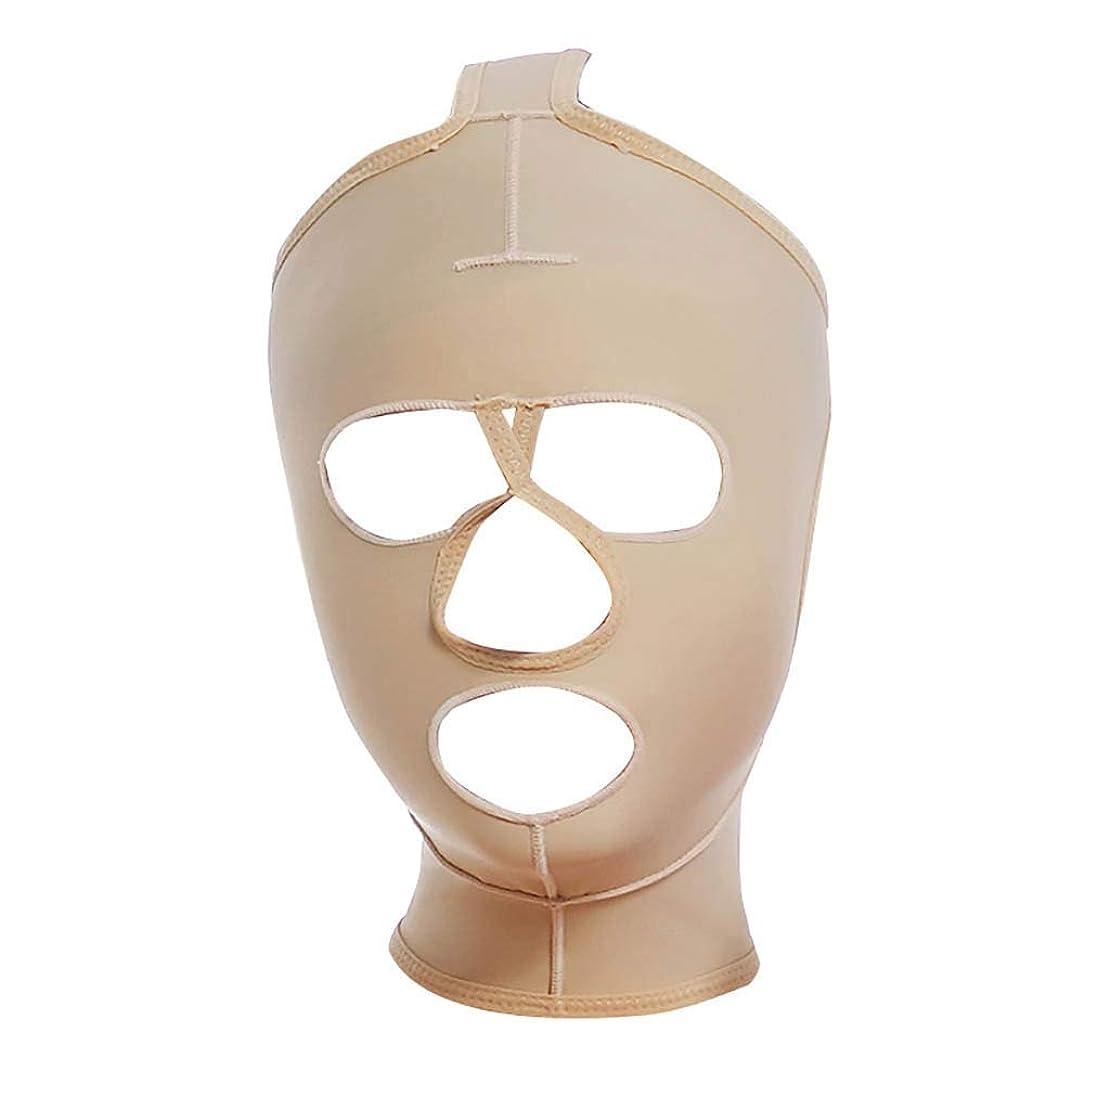 同時ワークショップビジュアルフェイス&ネックリフト、減量フェイスマスク脂肪吸引術脂肪吸引術整形マスクフードフェイスリフティングアーティファクトVフェイスビームフェイス弾性スリーブ(サイズ:XXL),XS